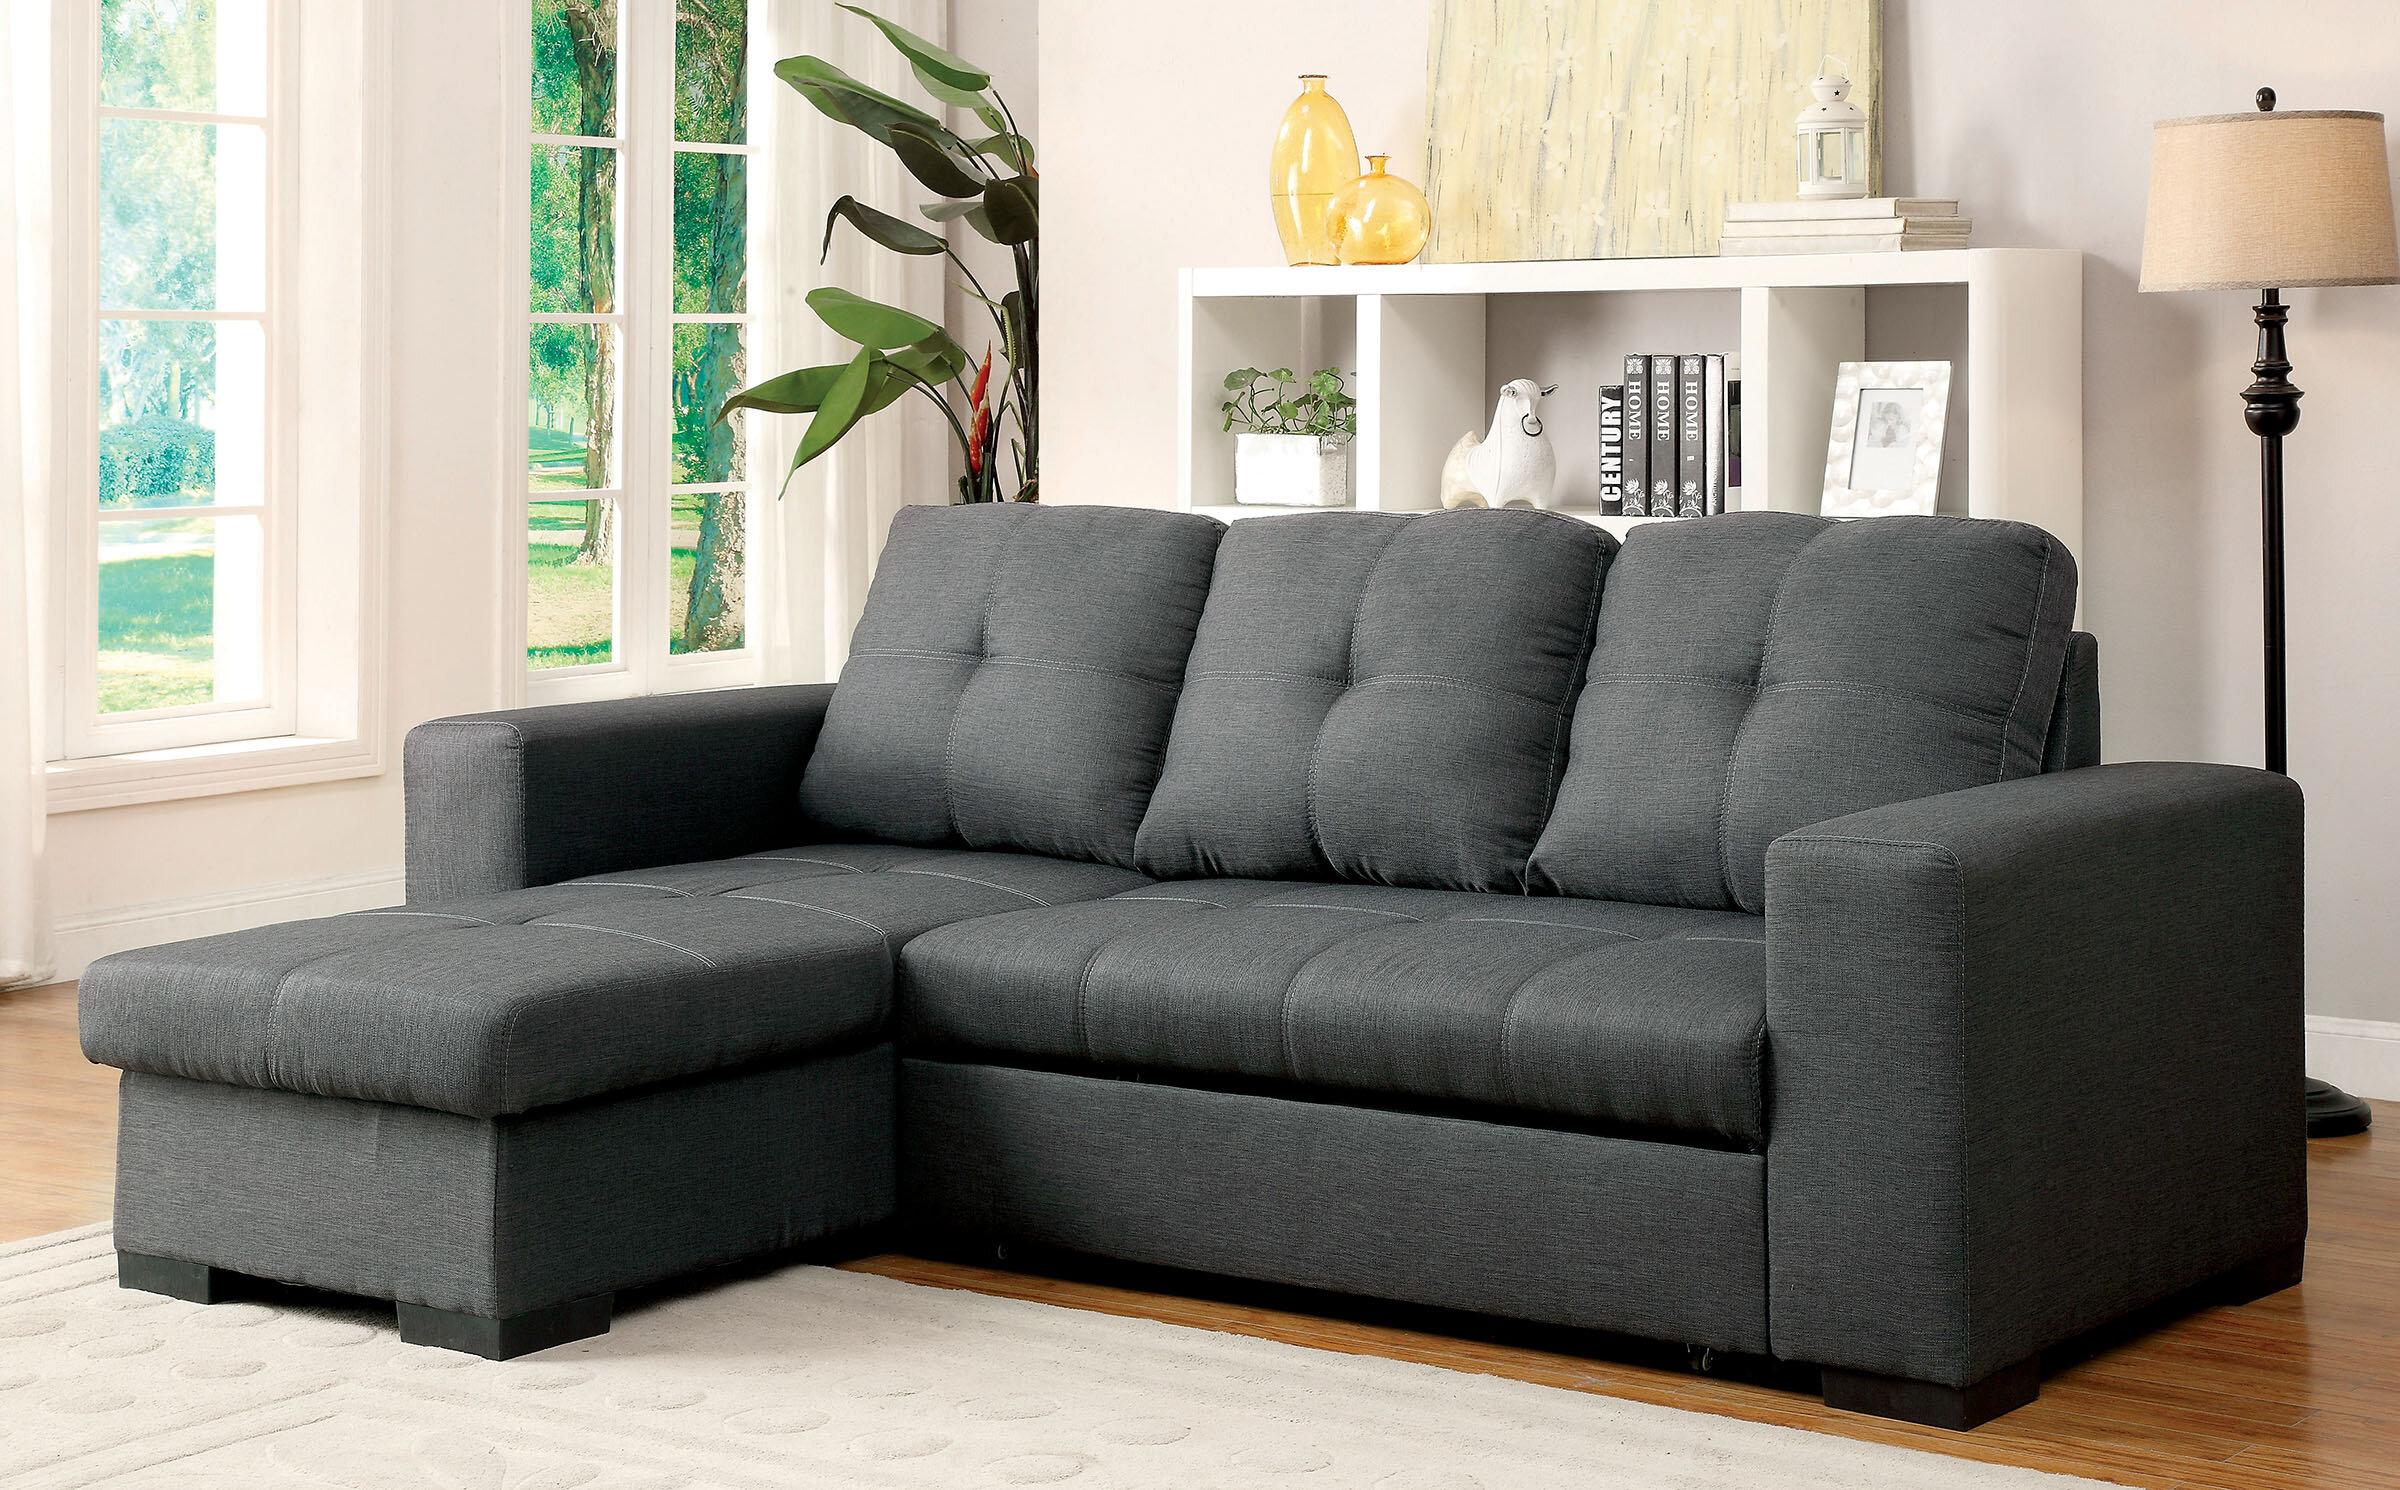 Grovelane Alexandrea 97 Wide Linen Right Hand Facing Sleeper Sofa Chaise Reviews Wayfair